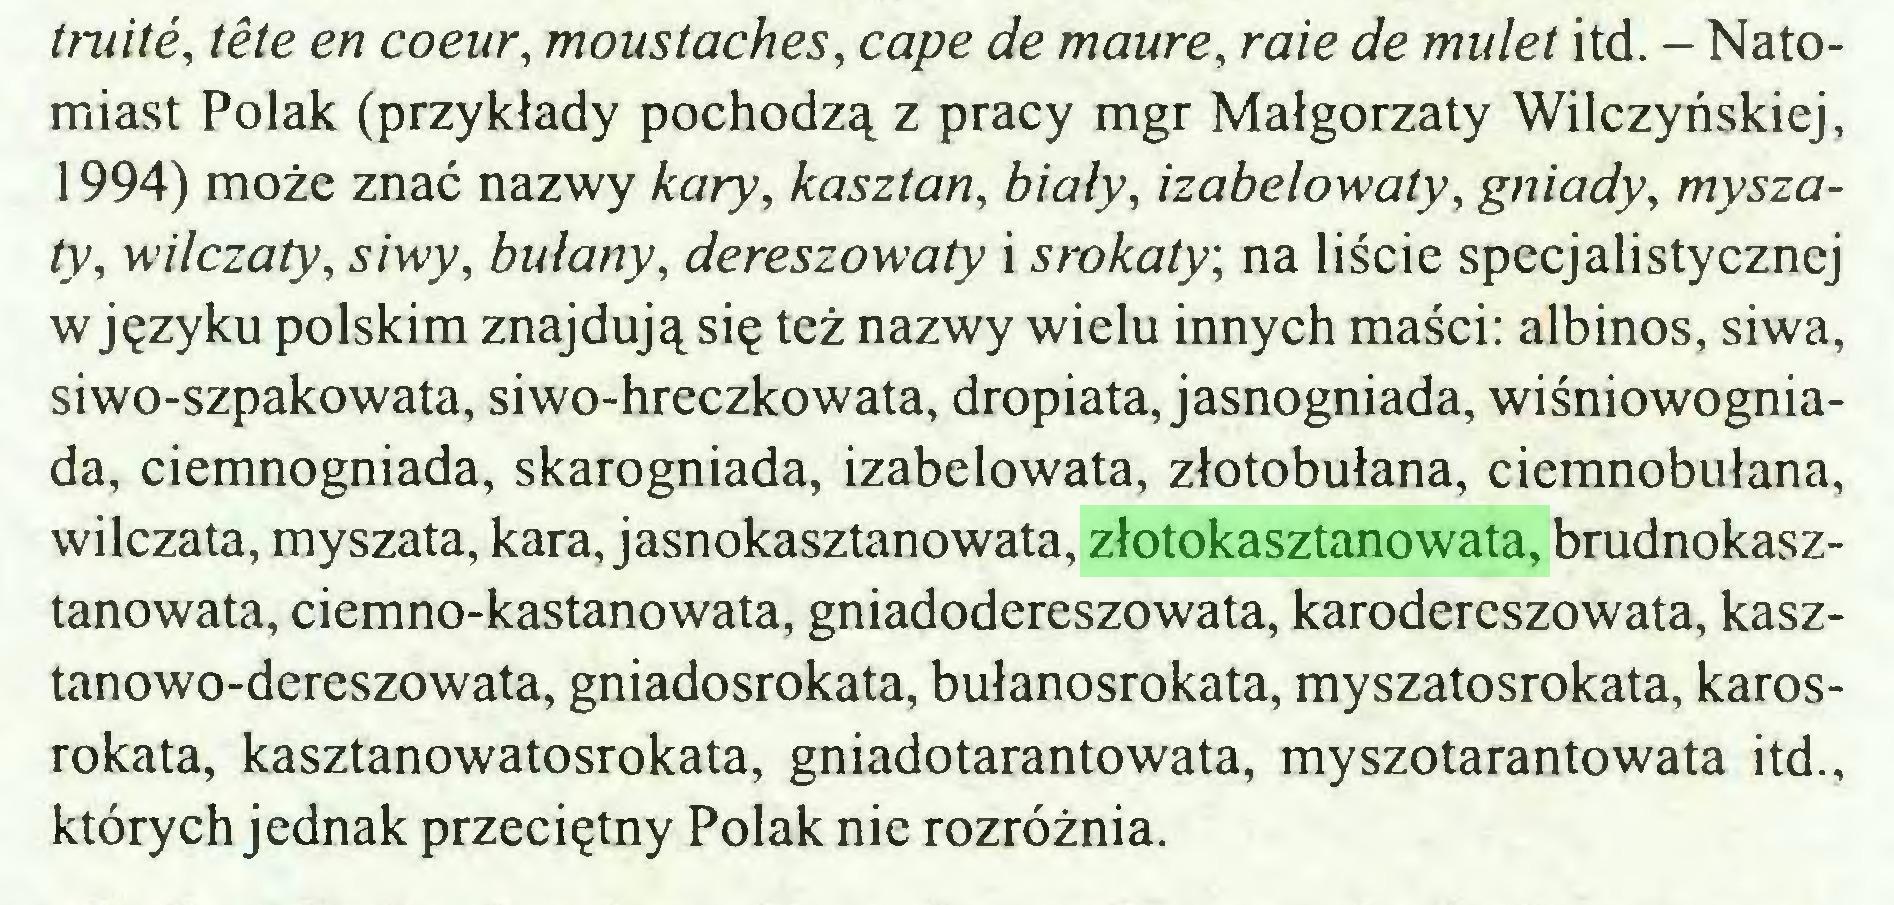 (...) truité, tête en coeur, moustaches, cape de maure, raie de mulet itd. - Natomiast Polak (przykłady pochodzą z pracy mgr Małgorzaty Wilczyńskiej, 1994) może znać nazwy kary, kasztan, biały, izabelowaty, gniady, myszaty, wilczaty, siwy, bulany, dereszowaty i srokaty, na liście specjalistycznej w języku polskim znajdują się też nazwy wielu innych maści: albinos, siwa, siwo-szpakowata, siwo-hreczkowata, dropiata, jasnogniada, wiśniowogniada, ciemnogniada, skarogniada, izabelowata, złotobułana, ciemnobułana, wil czata, my szata, kara, jasnokasztano wata, złotokasztanowata, brudnokasztanowata, ciemno-kastanowata, gniadodereszowata, karodereszowata, kasztanowo-dereszowata, gniadosrokata, bułanosrokata, myszatosrokata, karosrokata, kasztanowatosrokata, gniadotarantowata, myszotarantowata itd., których jednak przeciętny Polak nie rozróżnia...